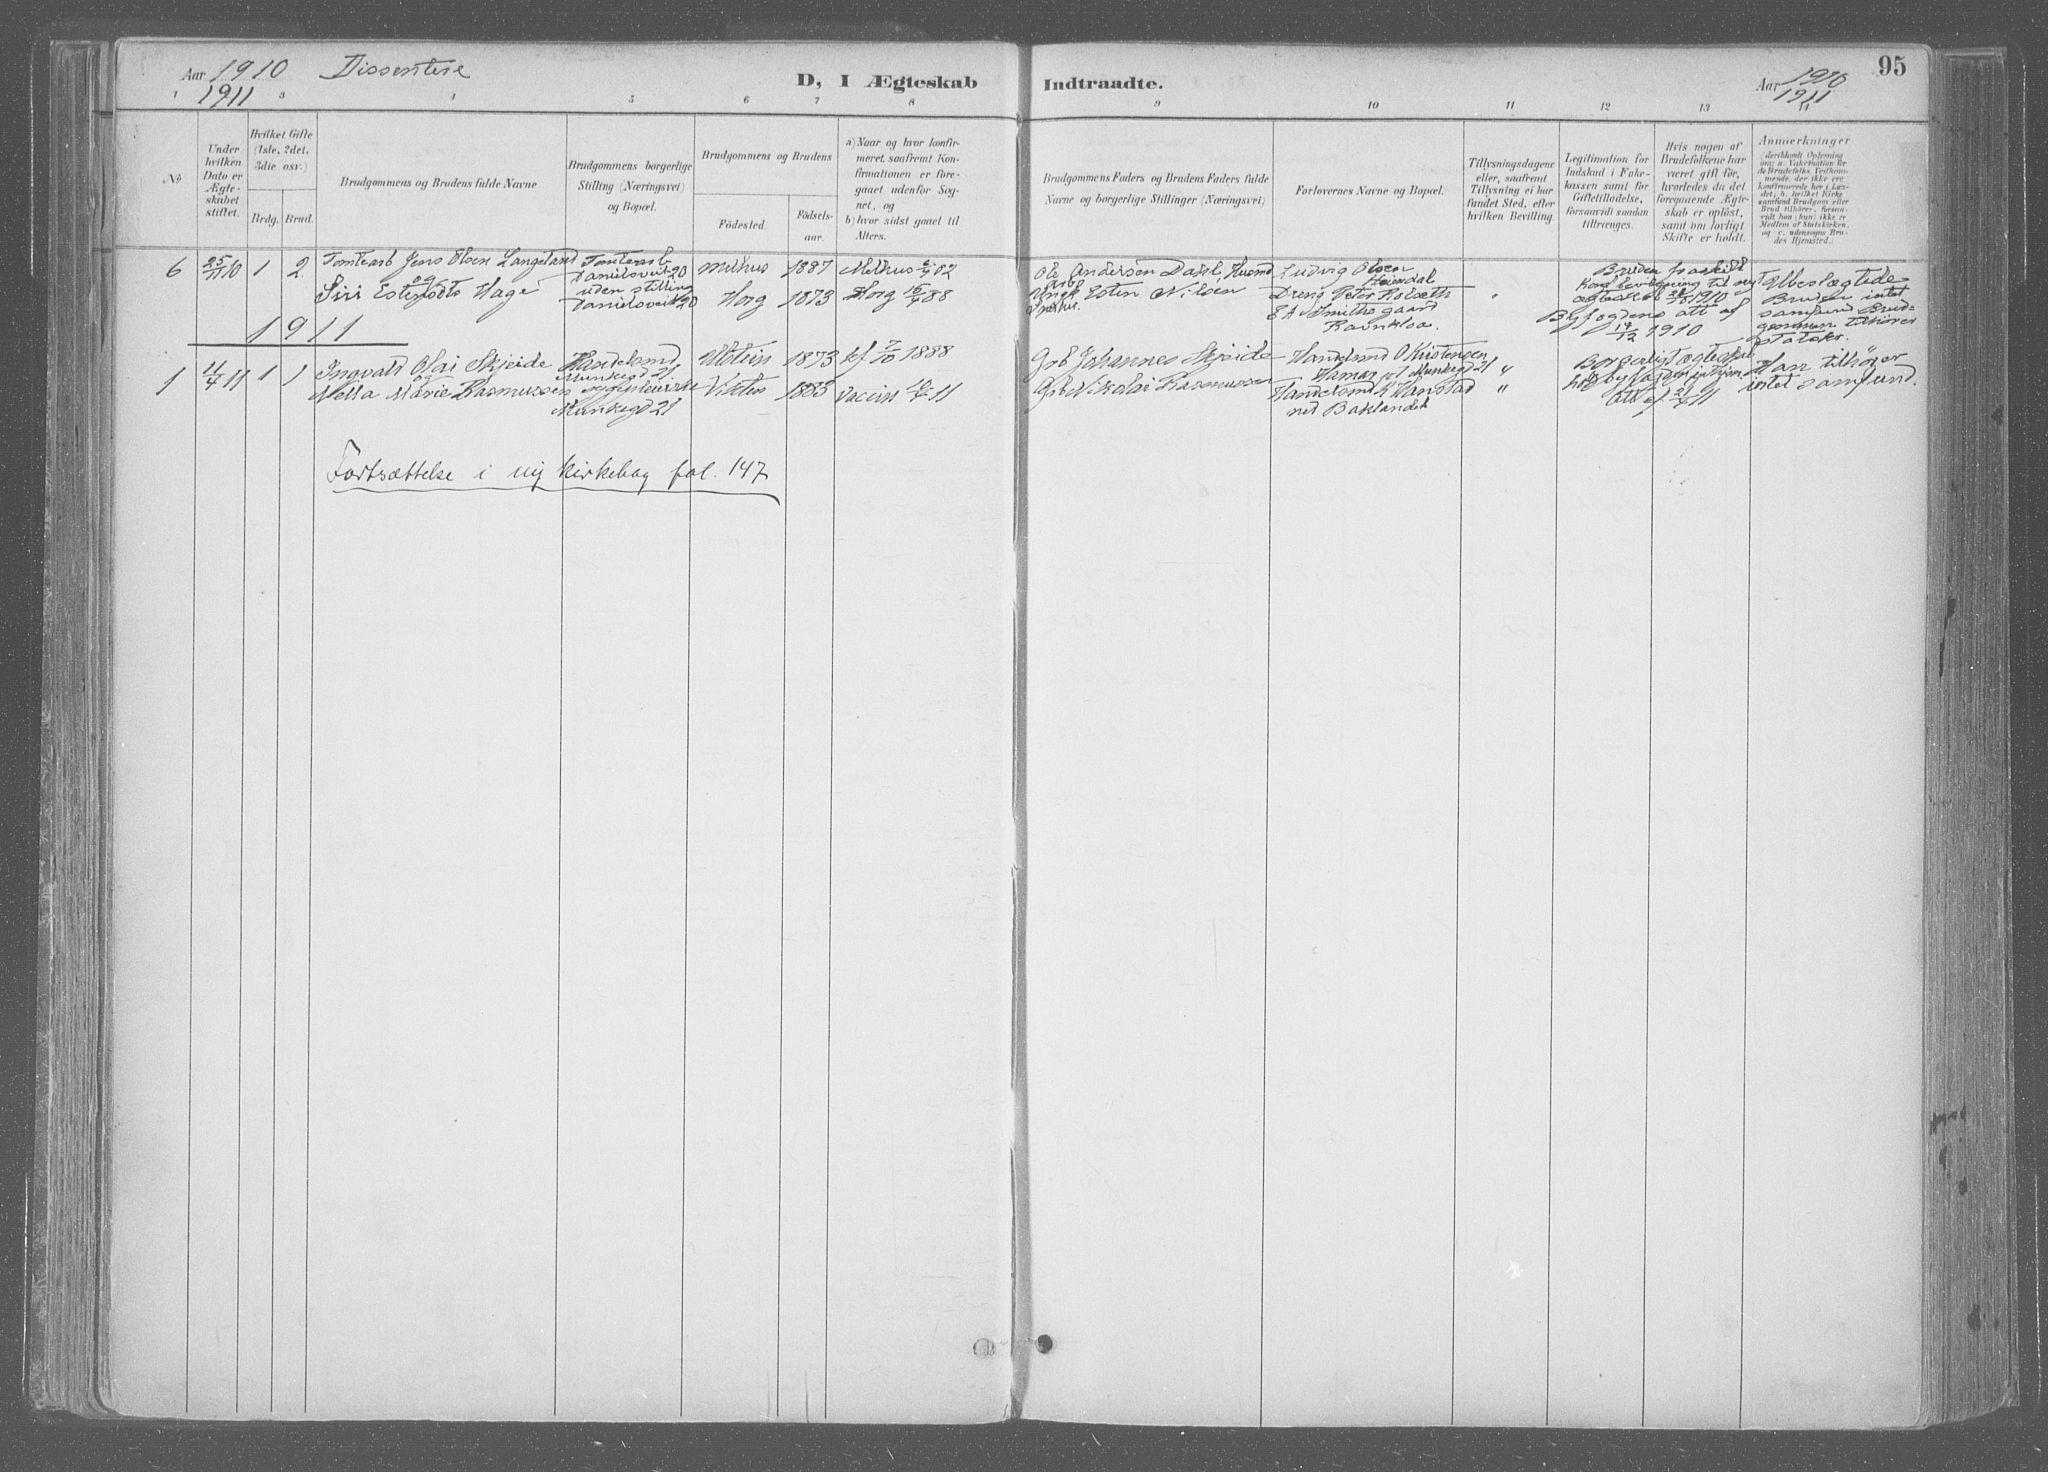 SAT, Ministerialprotokoller, klokkerbøker og fødselsregistre - Sør-Trøndelag, 601/L0064: Ministerialbok nr. 601A31, 1891-1911, s. 95